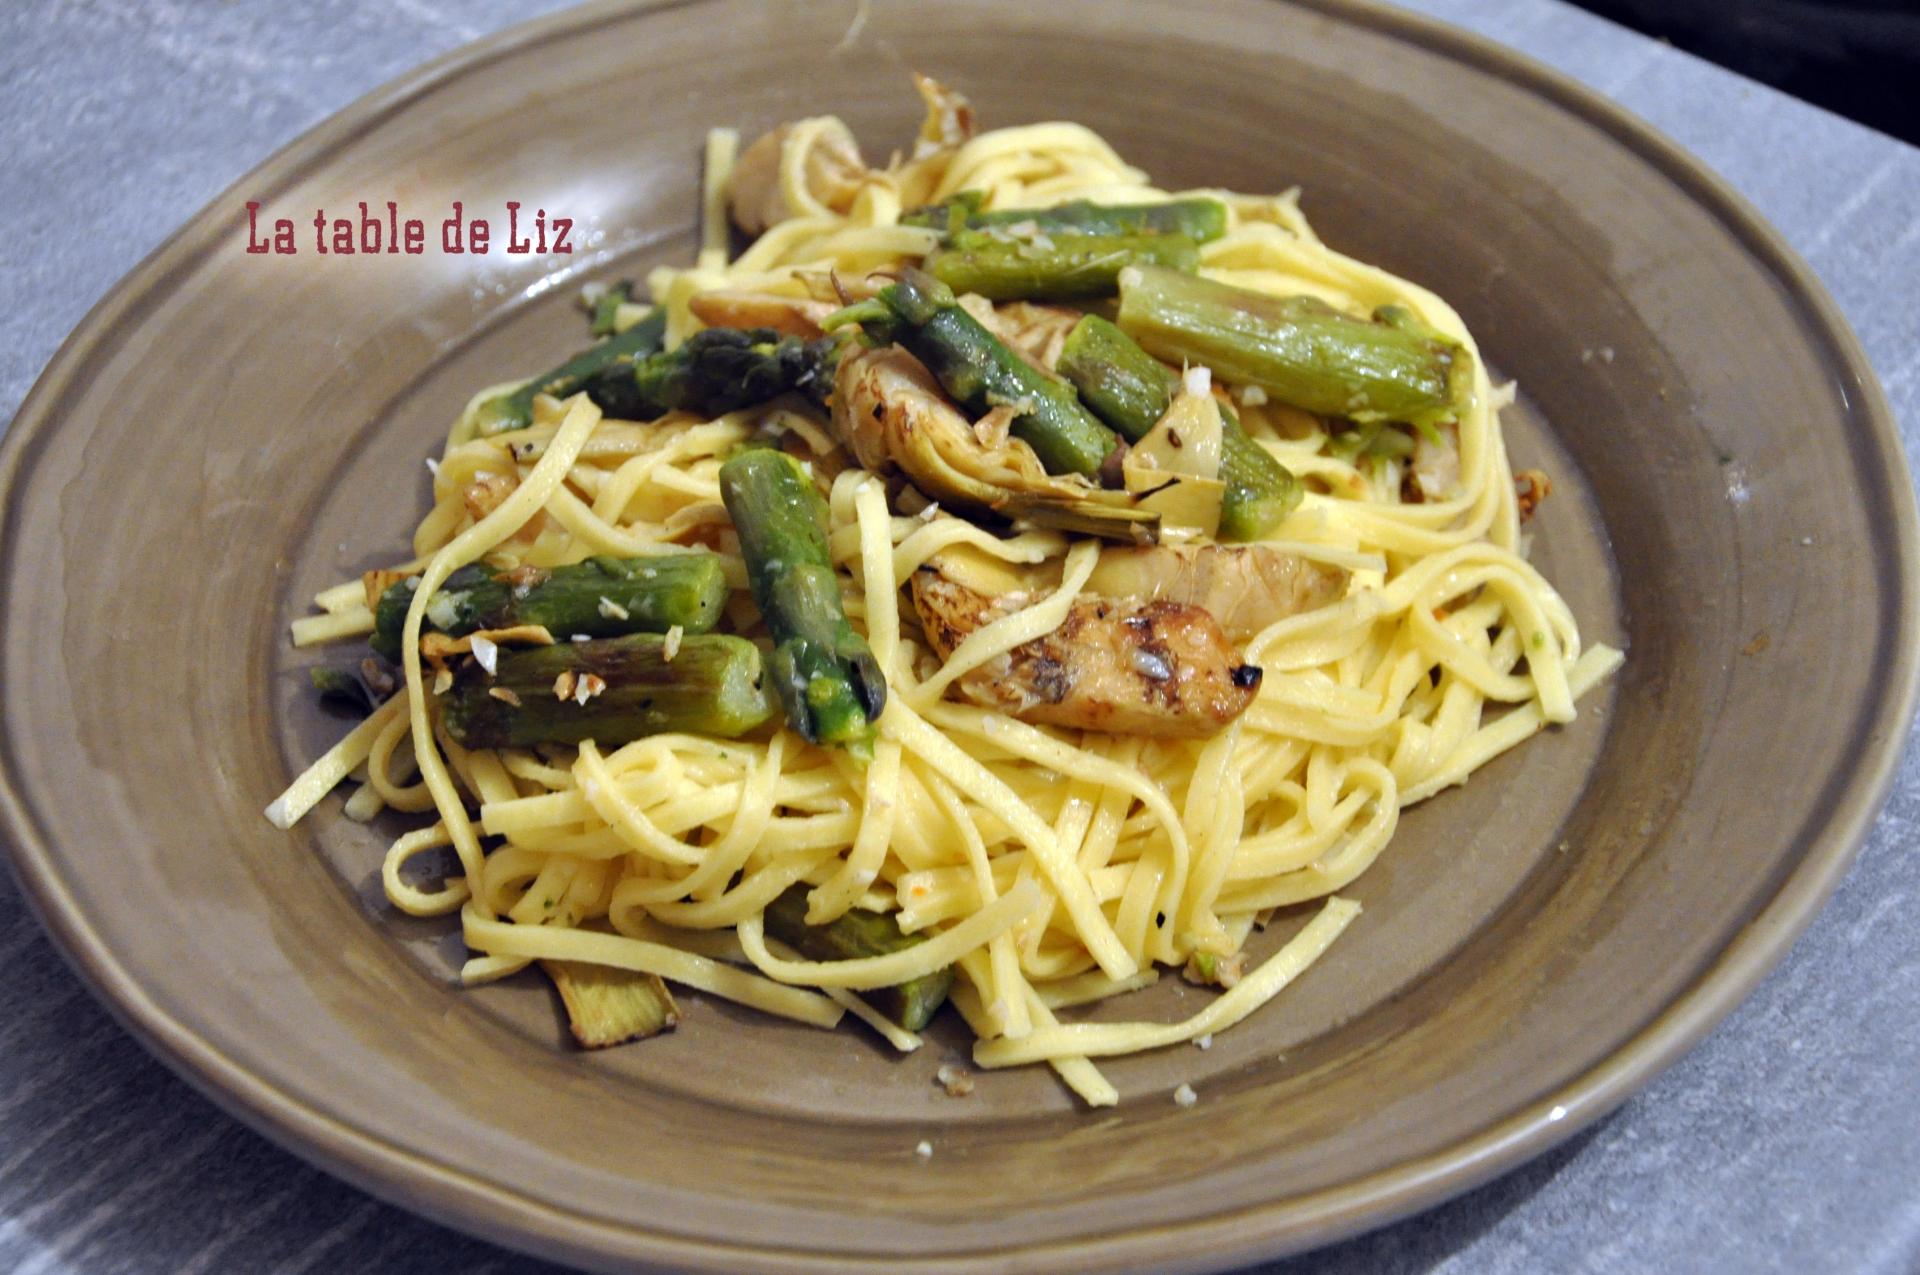 Taglioni asperges et artichauts grillés recette végétarienne La-table-de-Liz